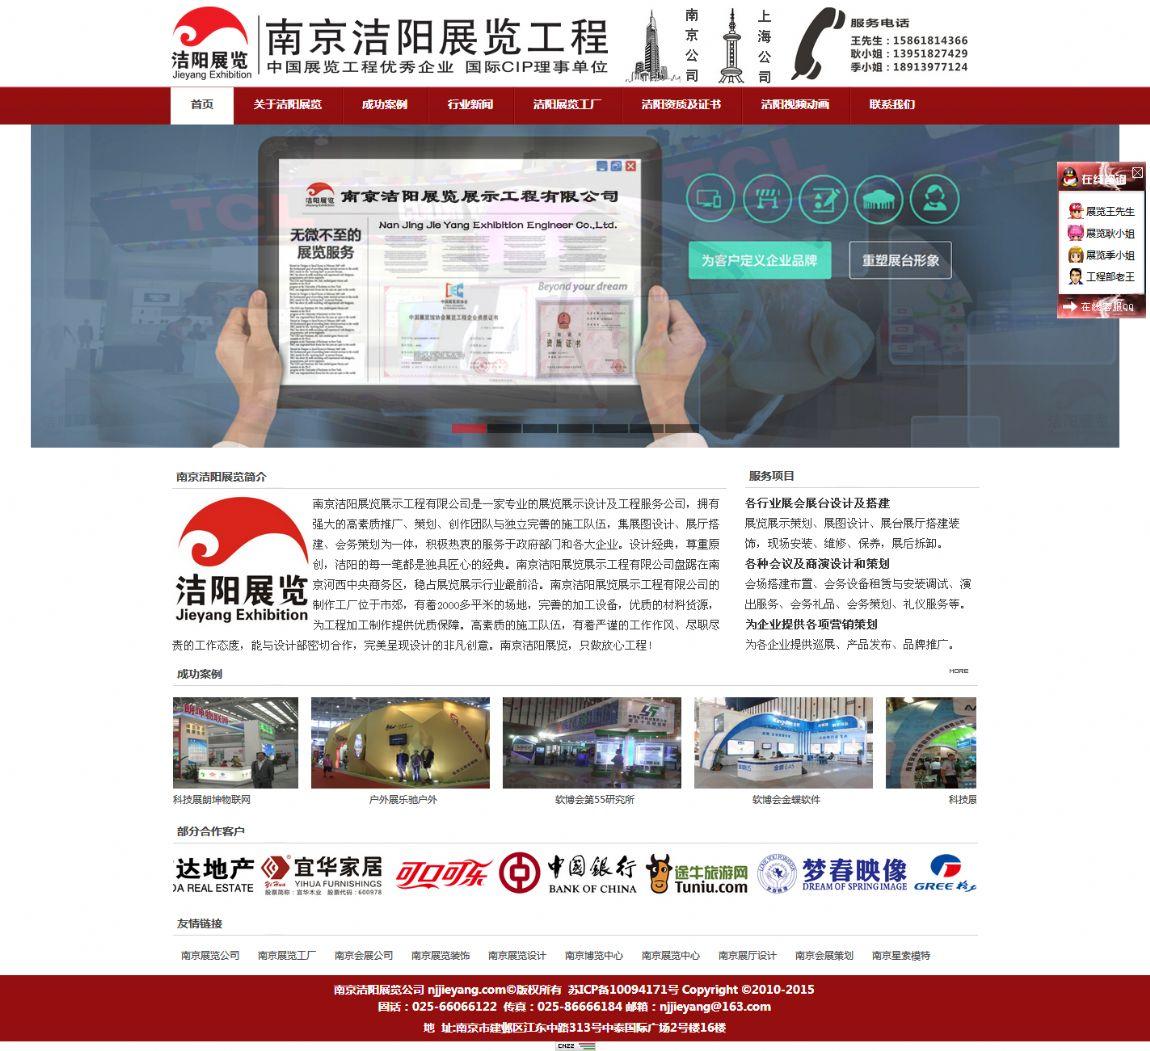 南京洁阳展览展示工程有限公司